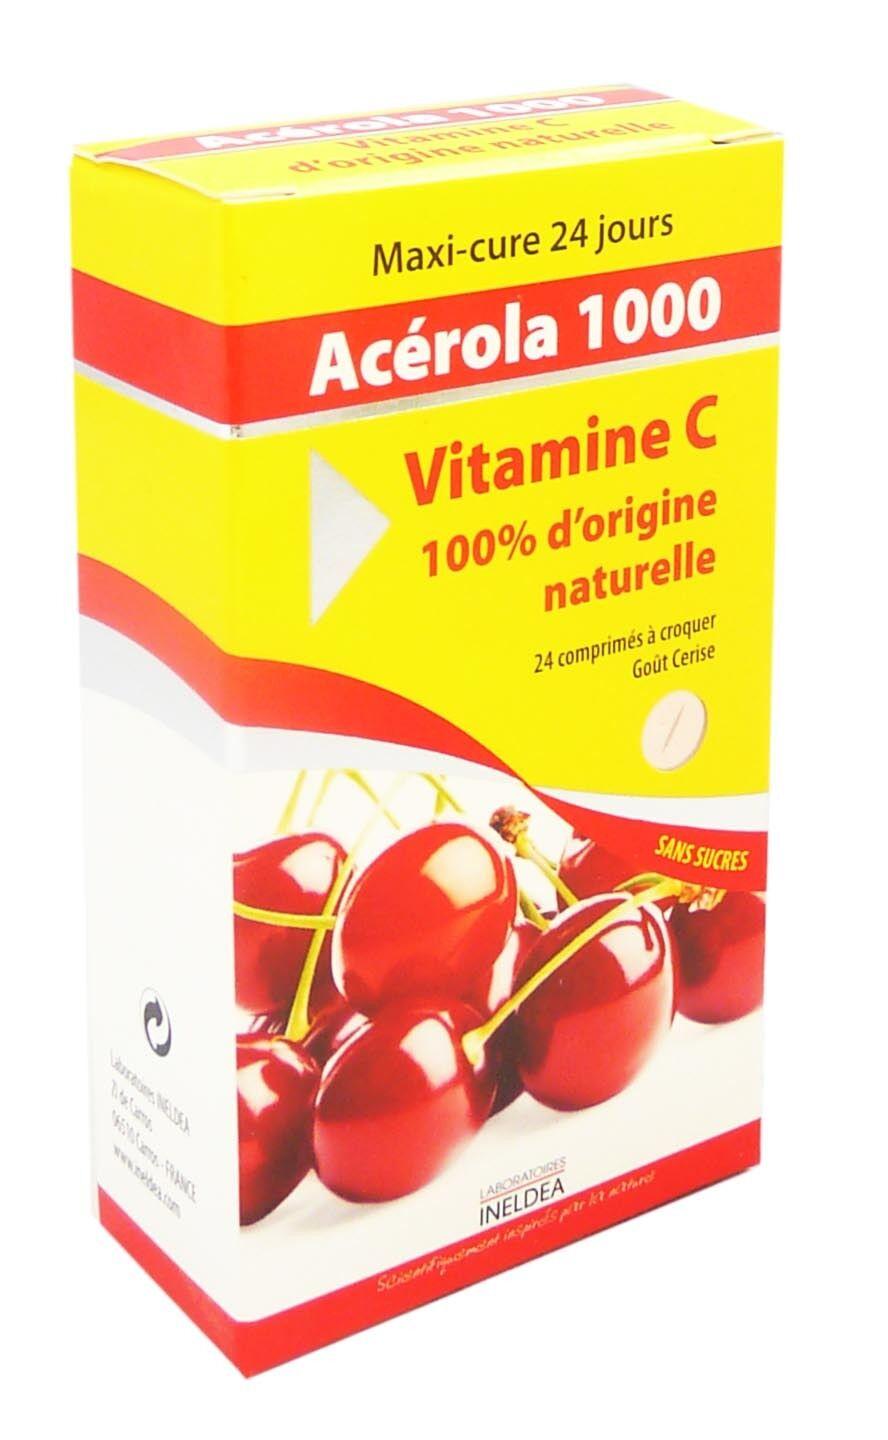 INELDEA Vitamin 22 acerola 1000 tonus & vitalite vitamine c ineldea 24 comprimes